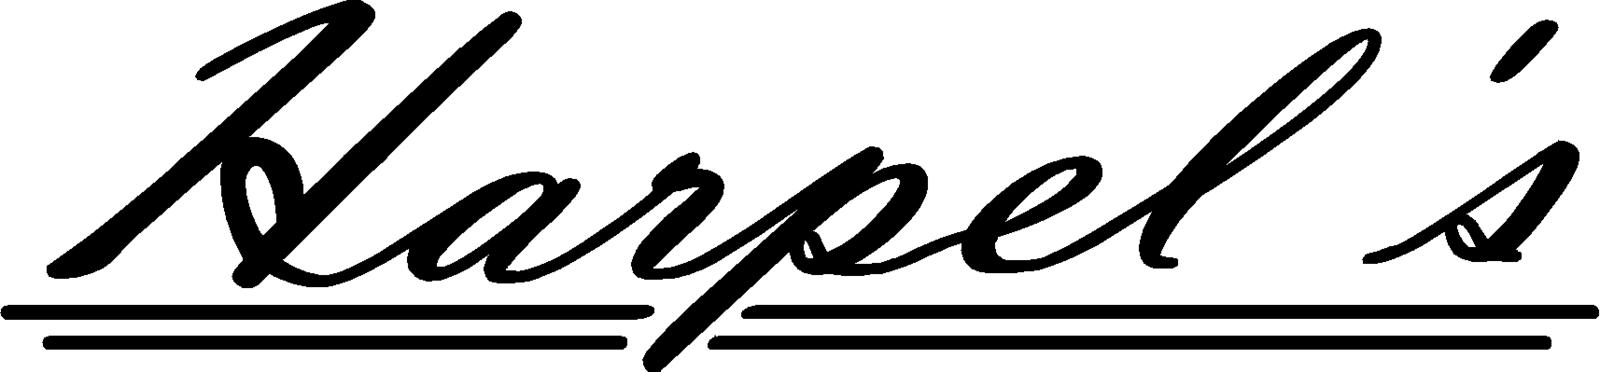 Harpel Bros - Glencoe, MN: Lee evaluaciones de ...